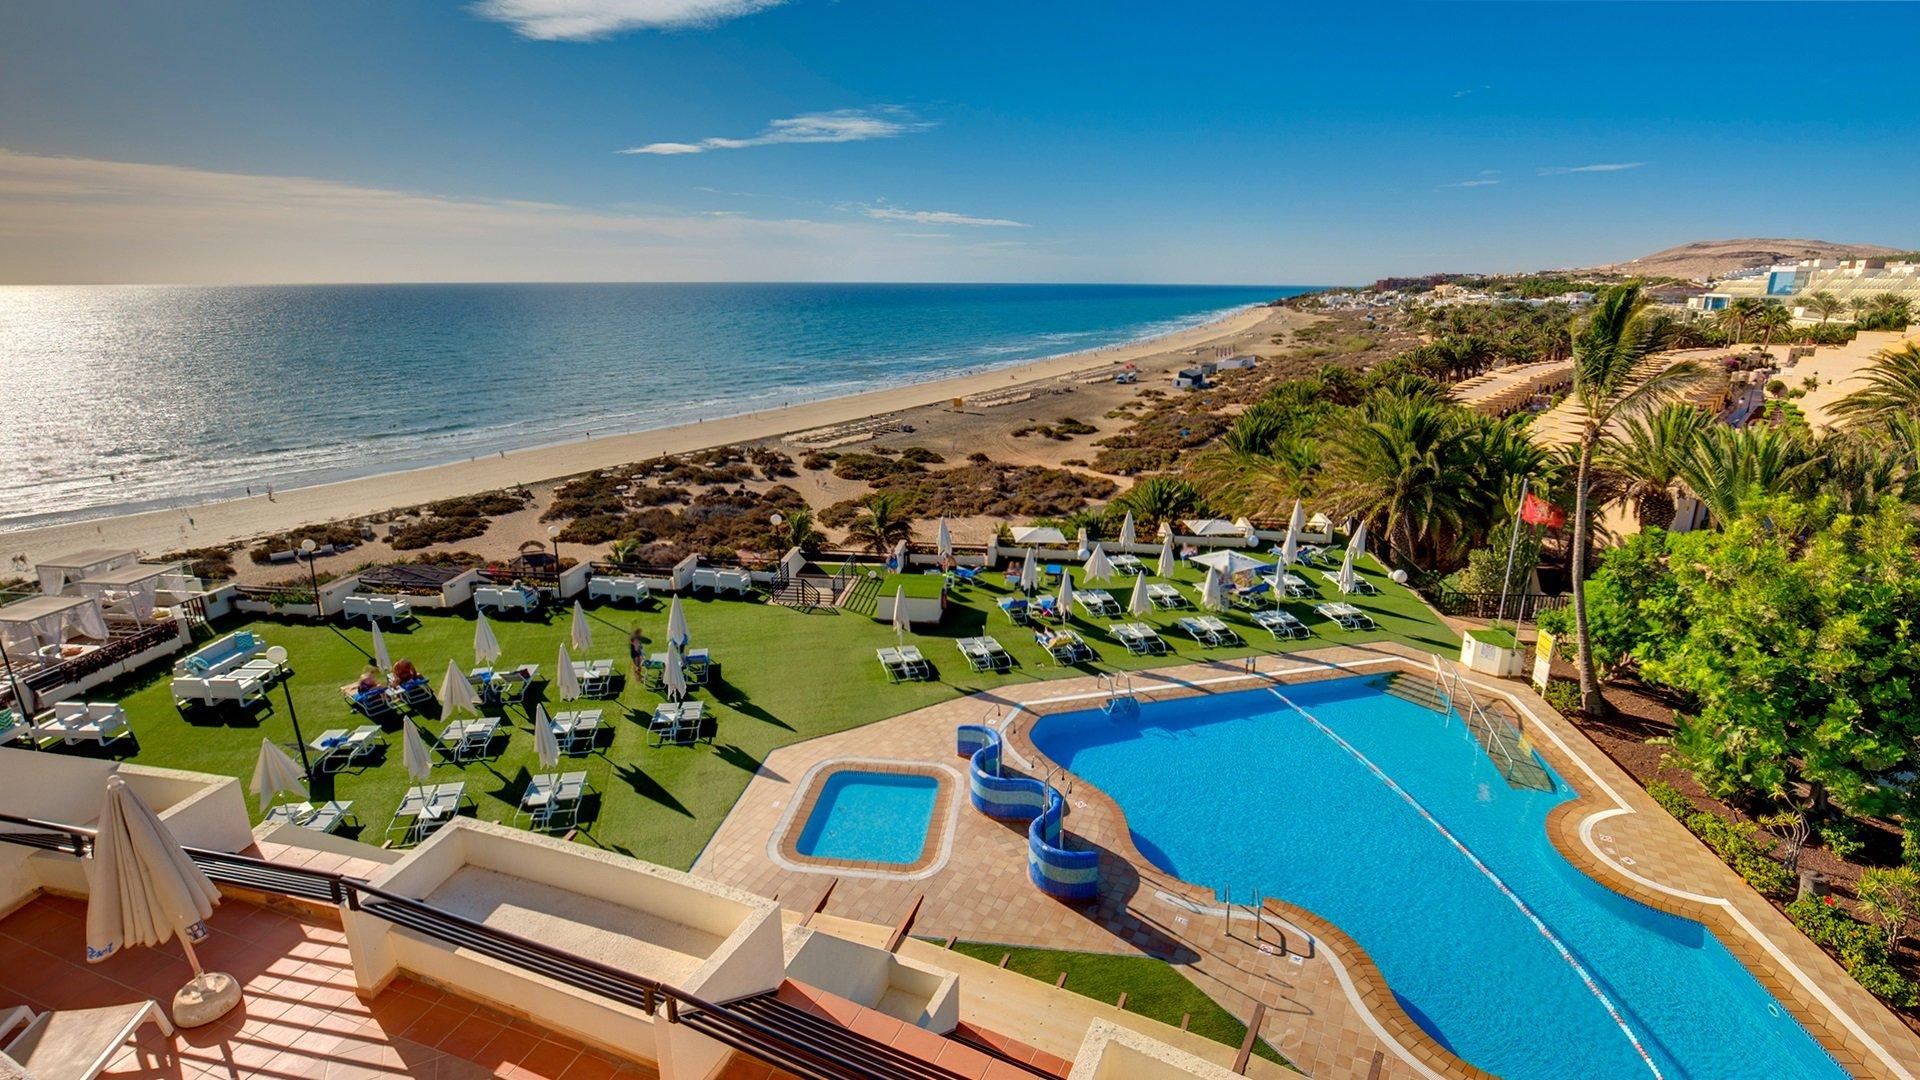 SBH Crystal Beach Hotel & Suites